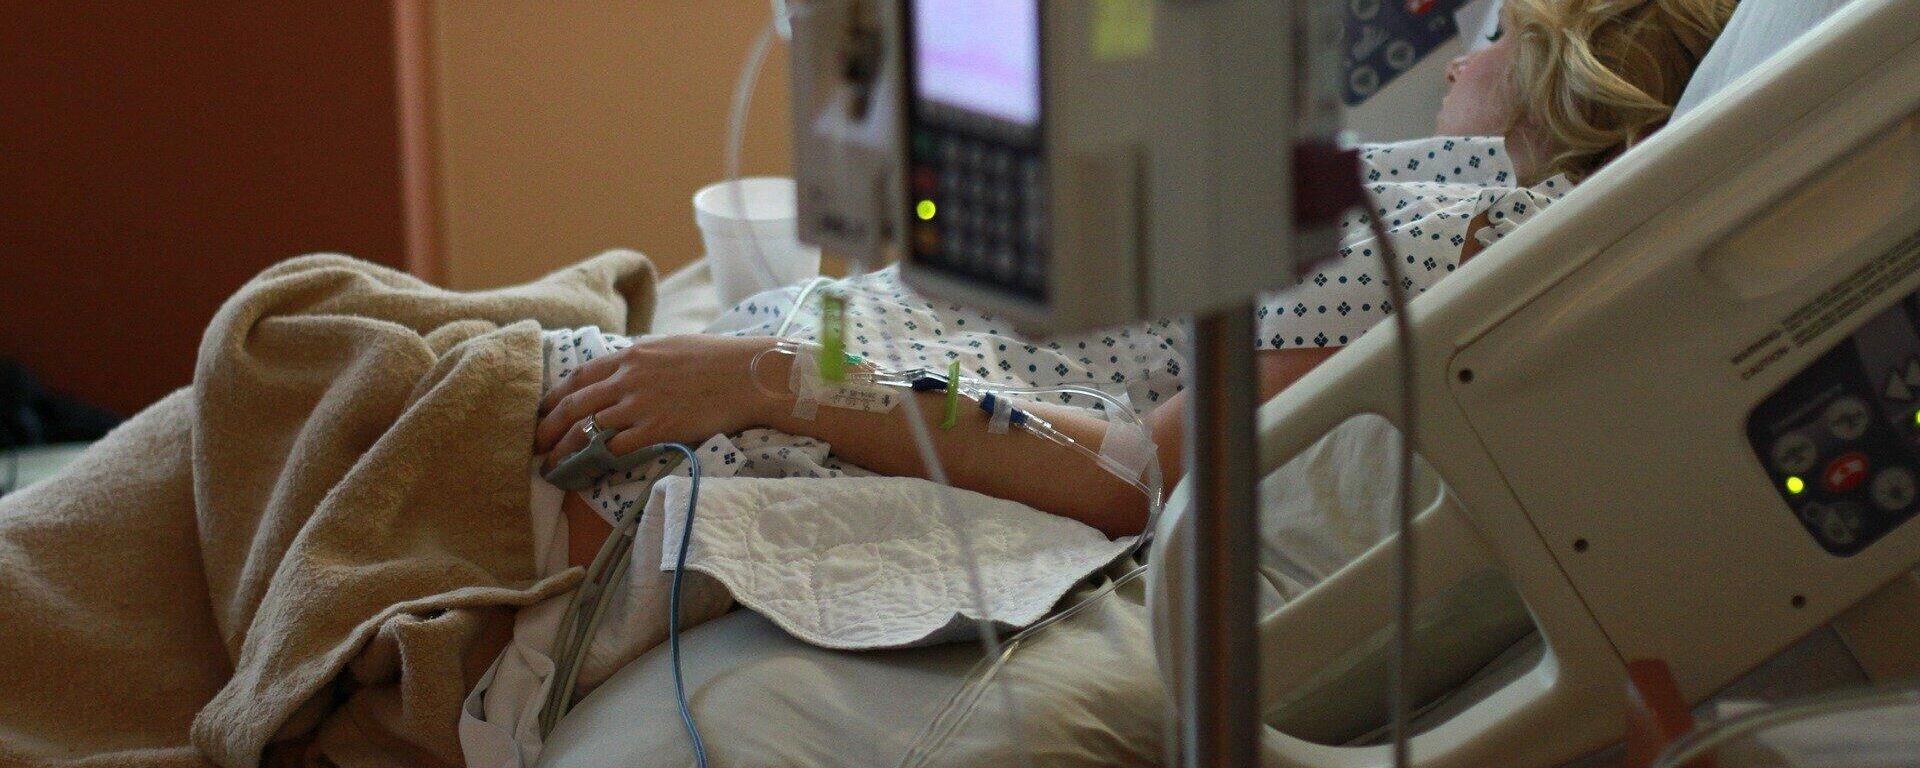 Una mujer en un hospital. Imagen referencial - Sputnik Mundo, 1920, 14.09.2021